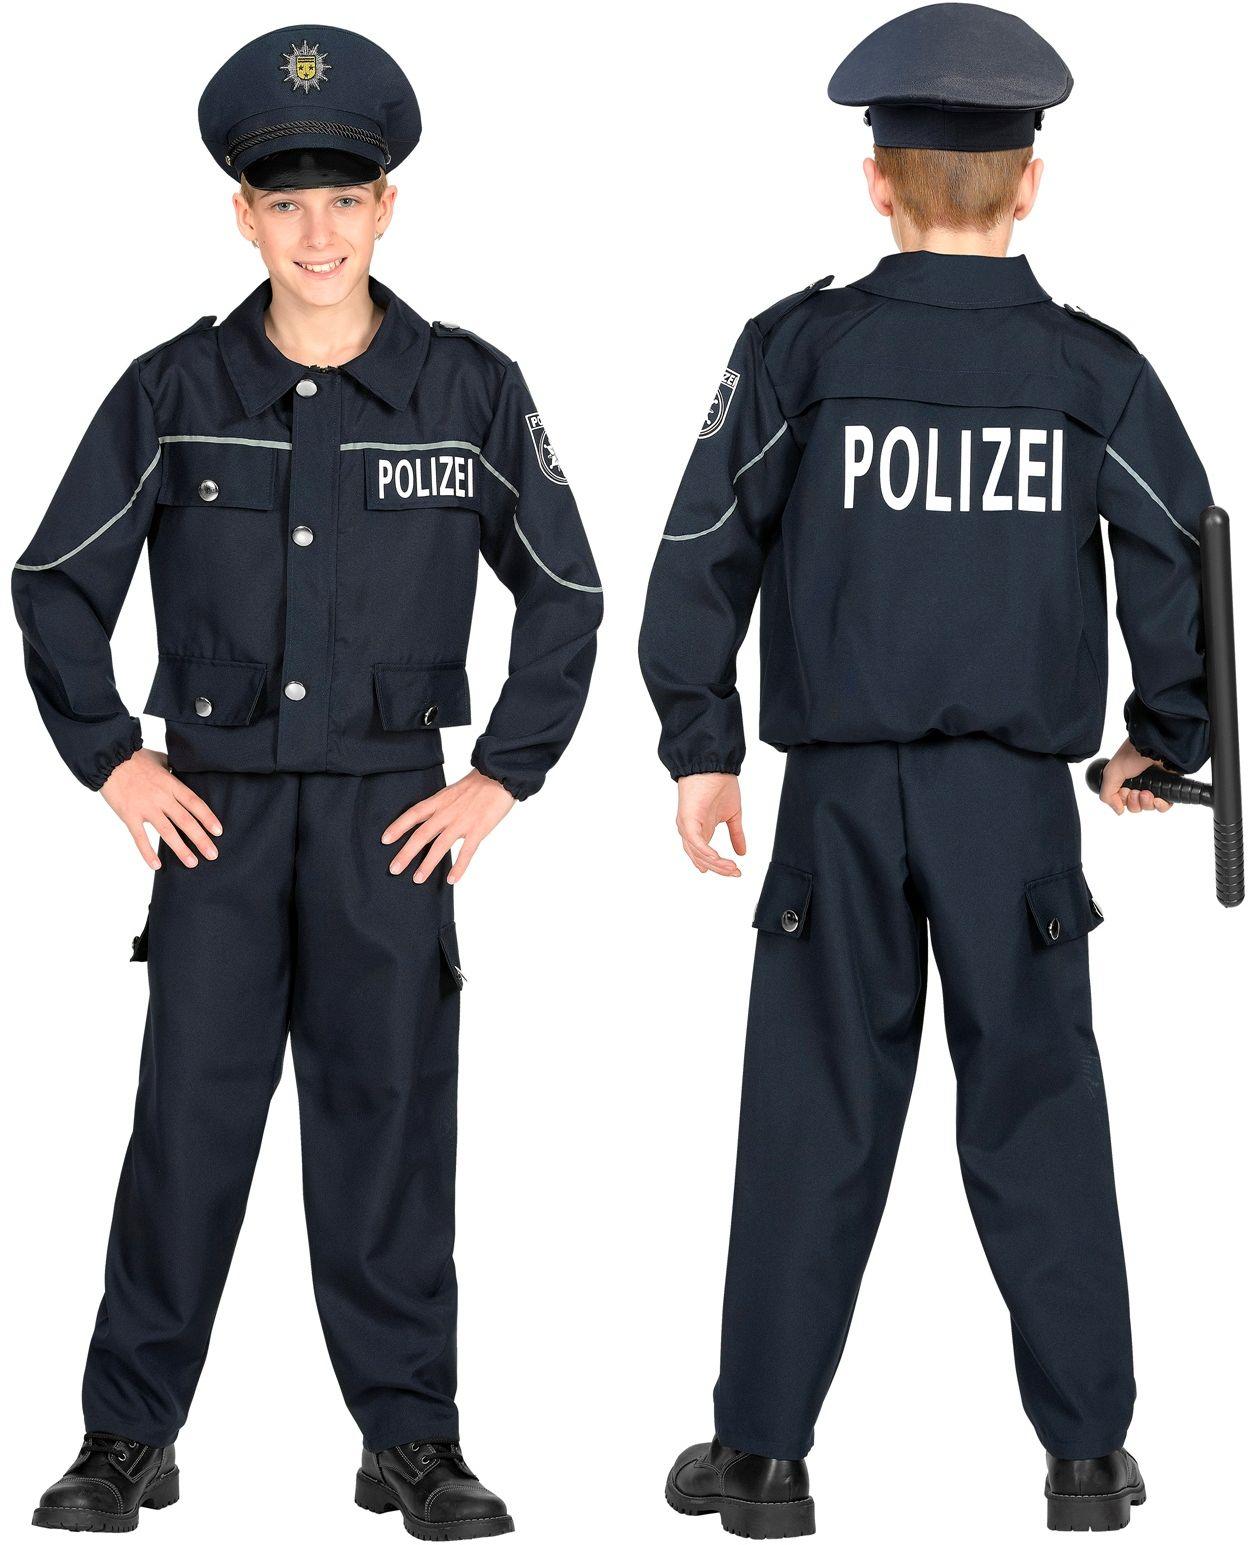 Duits Politie pak kind